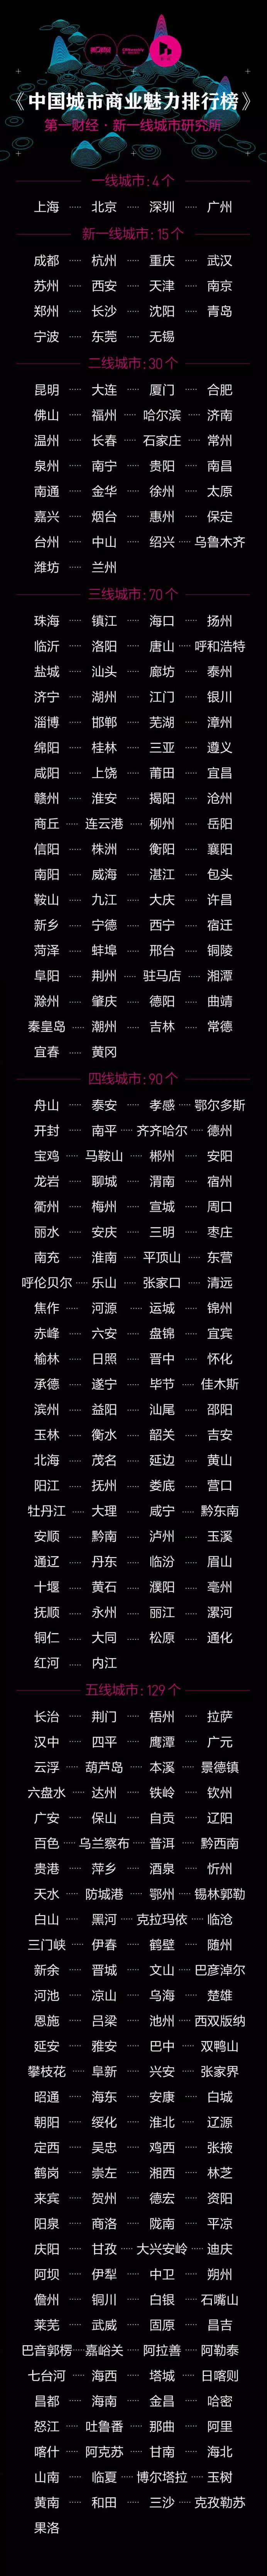 2018年,中国一二三四五线城市排名!